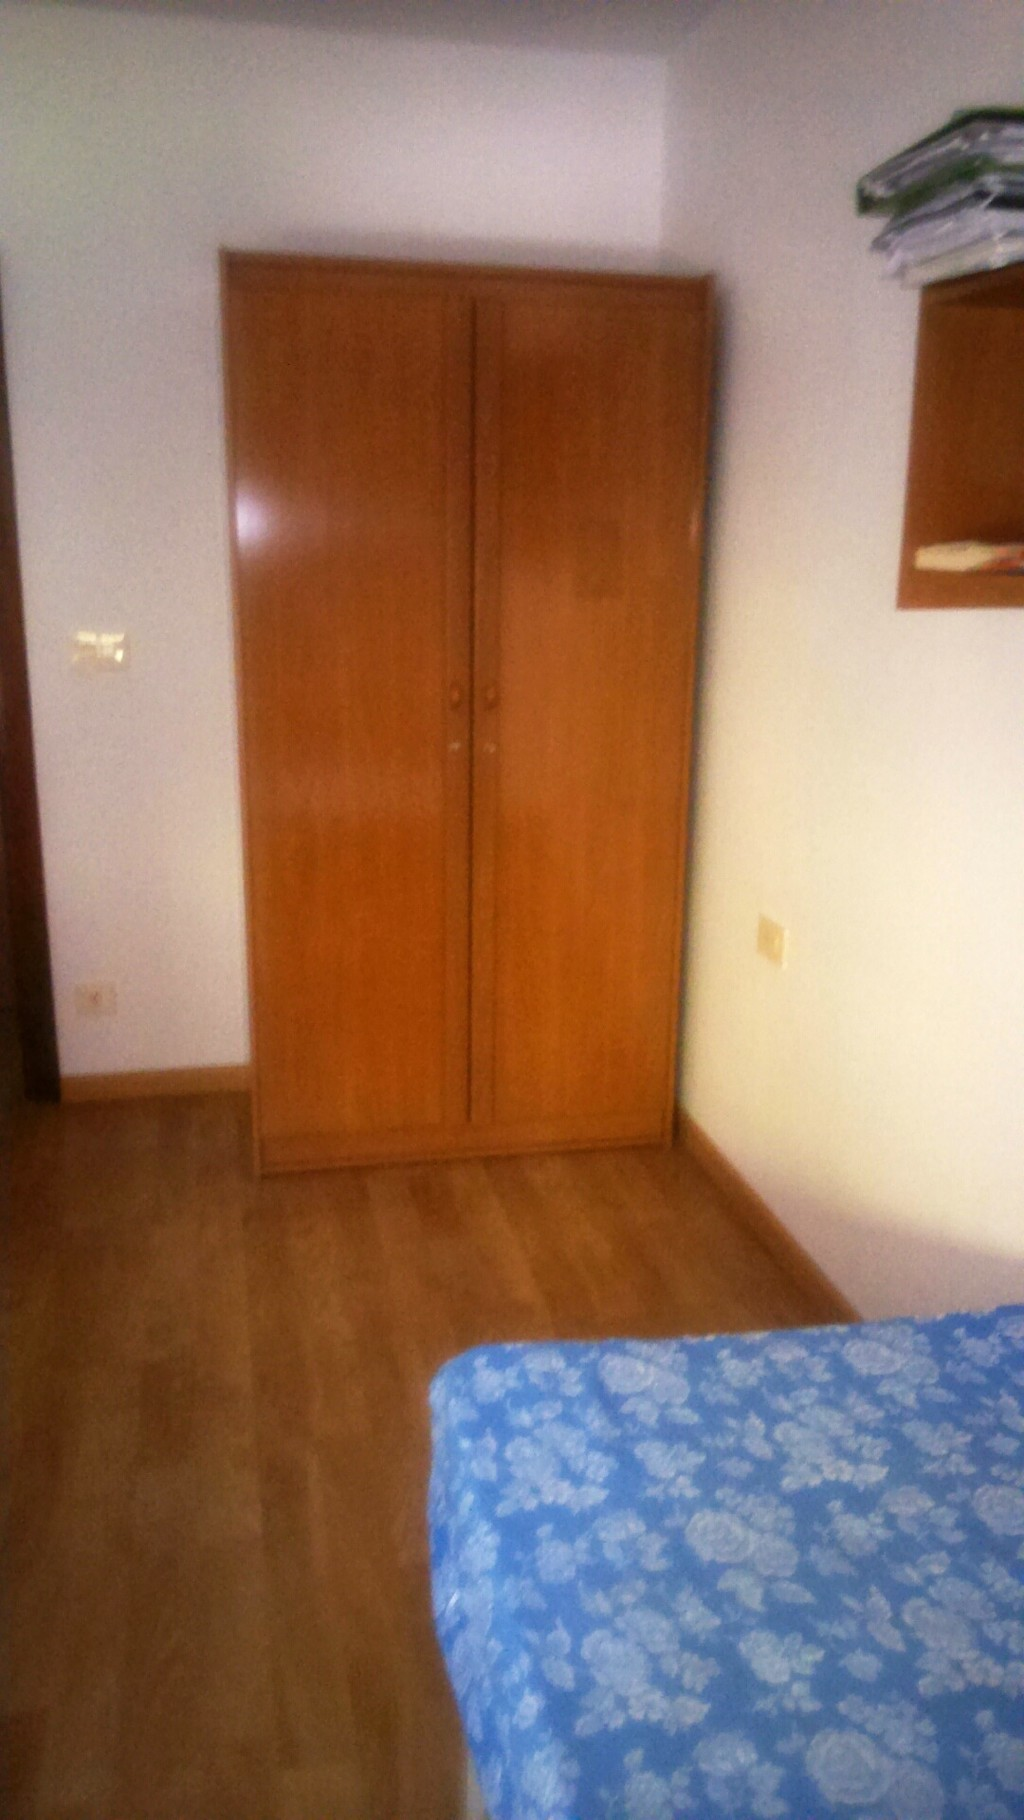 Habitaciones en alquiler en piso compartido  Alquiler